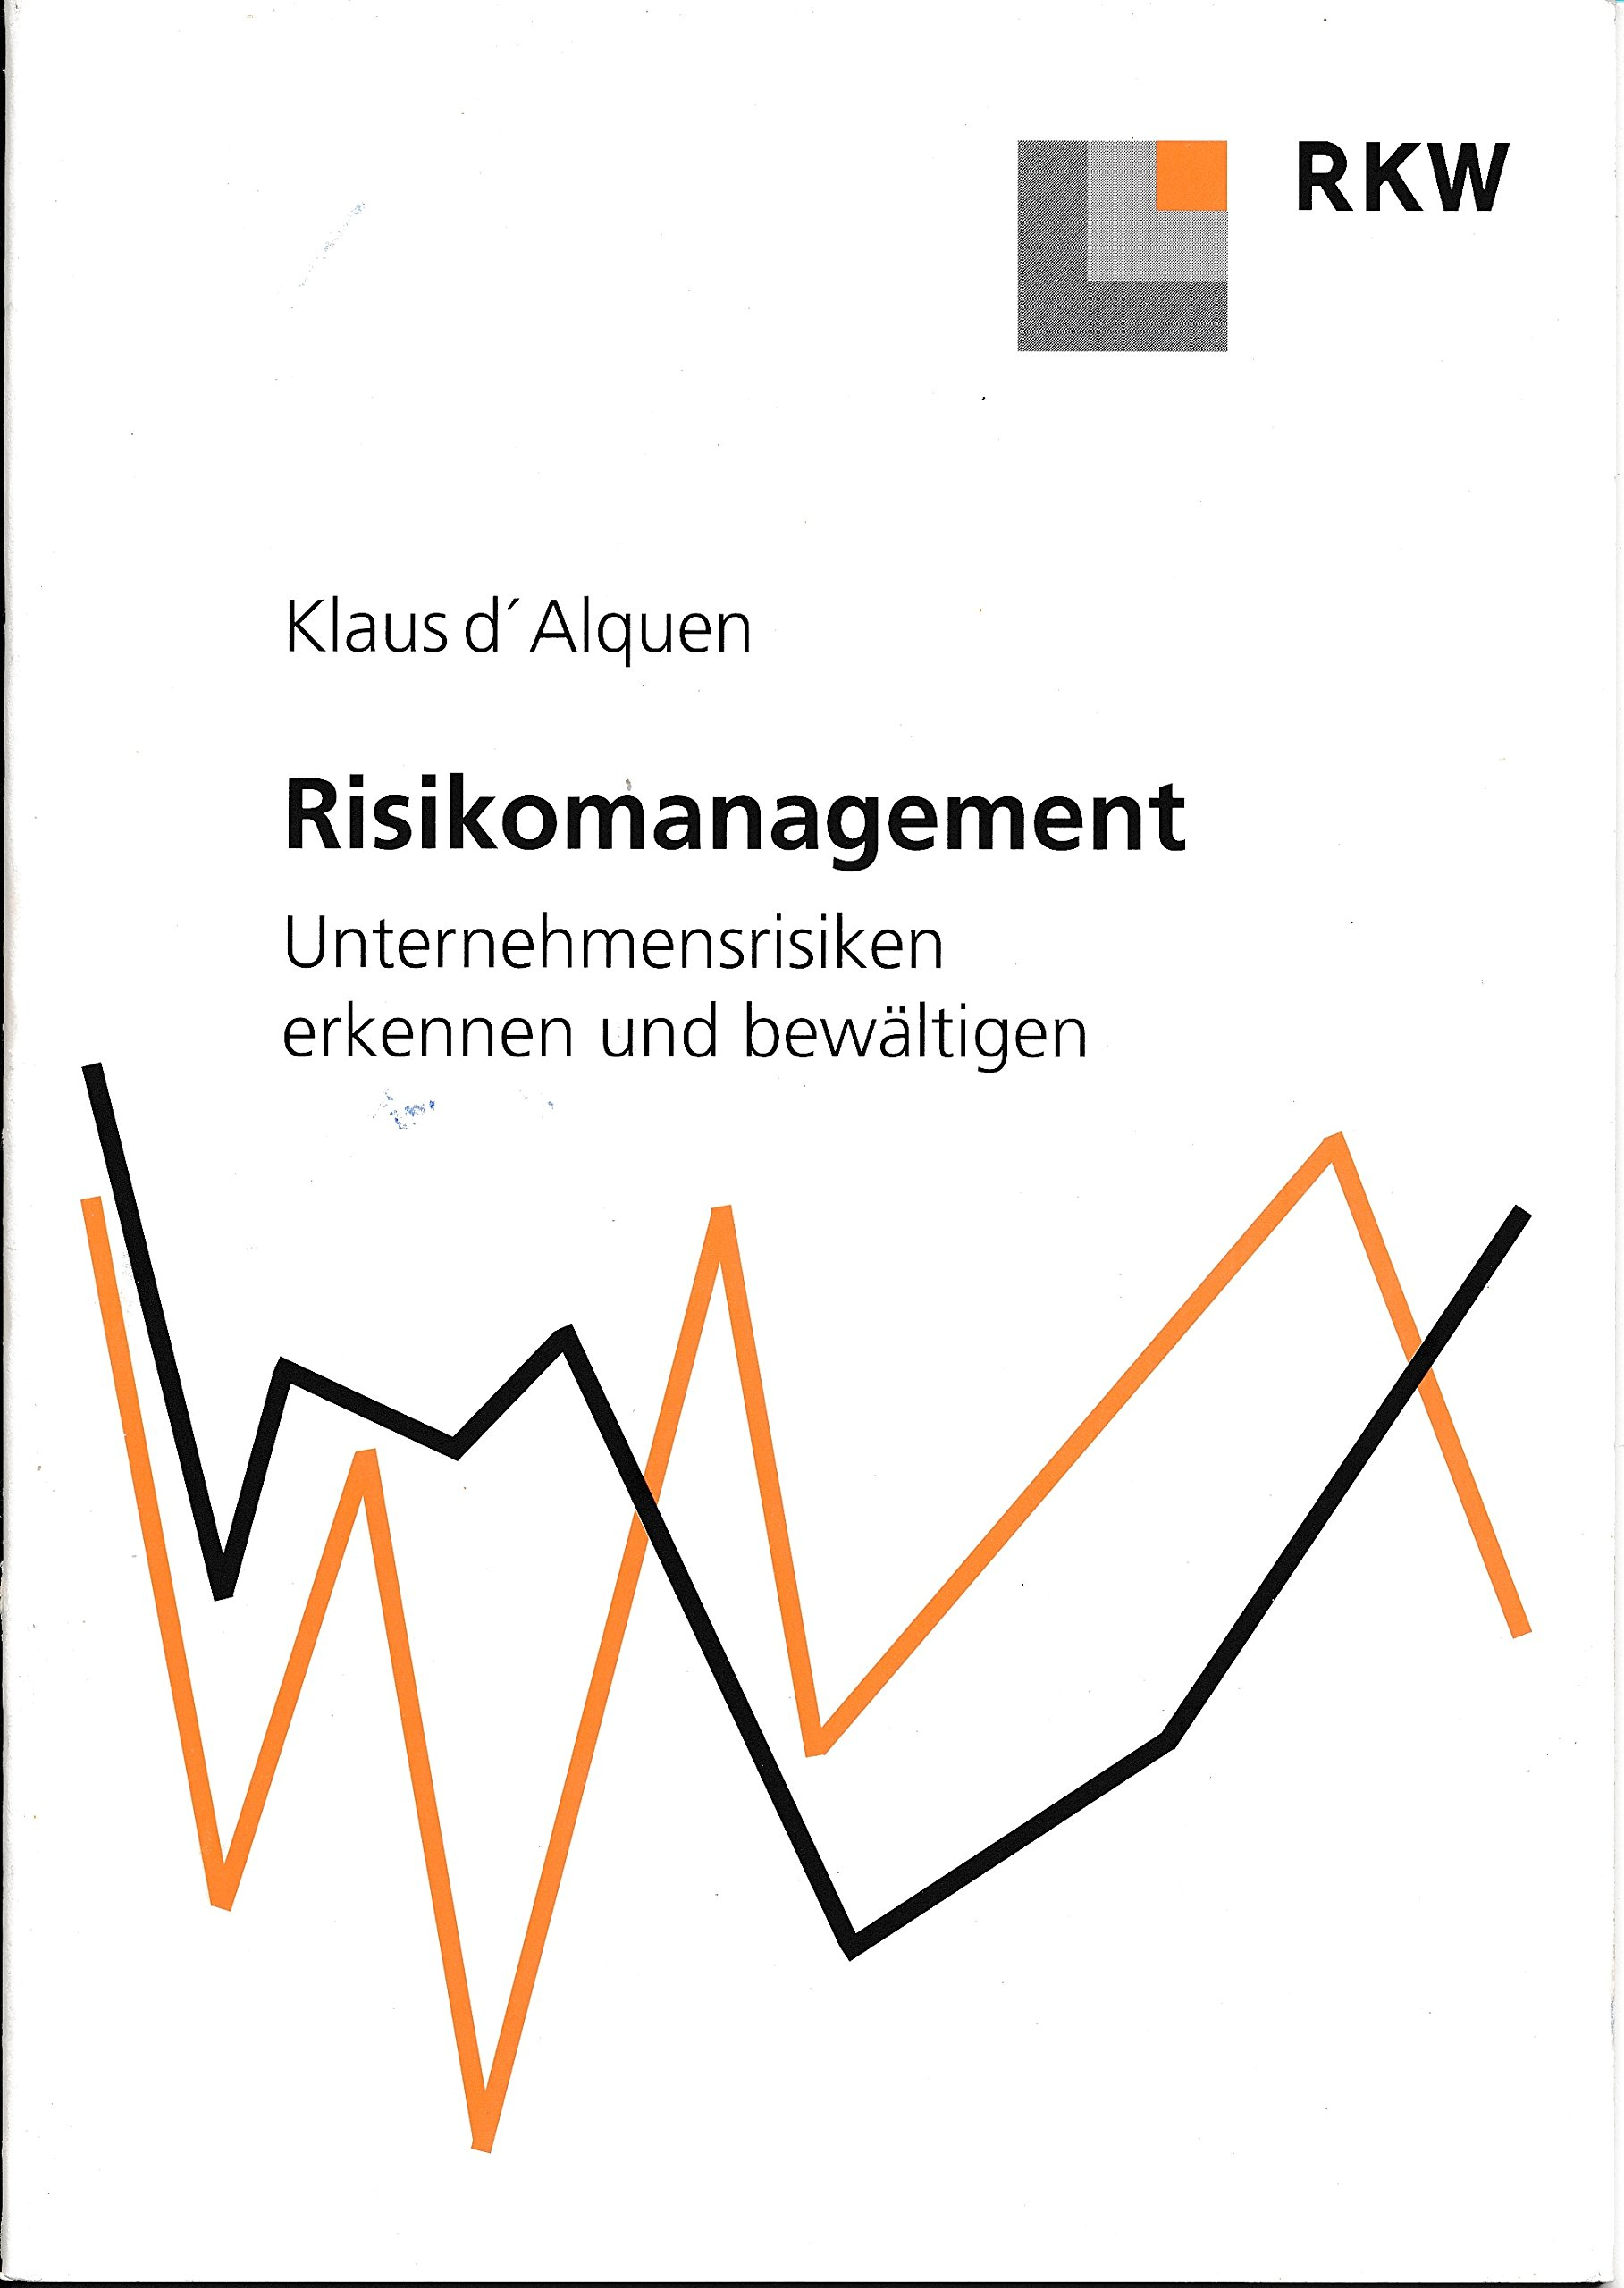 Risikomanagement. Unternehmensrisiken erkennen und bewältigen